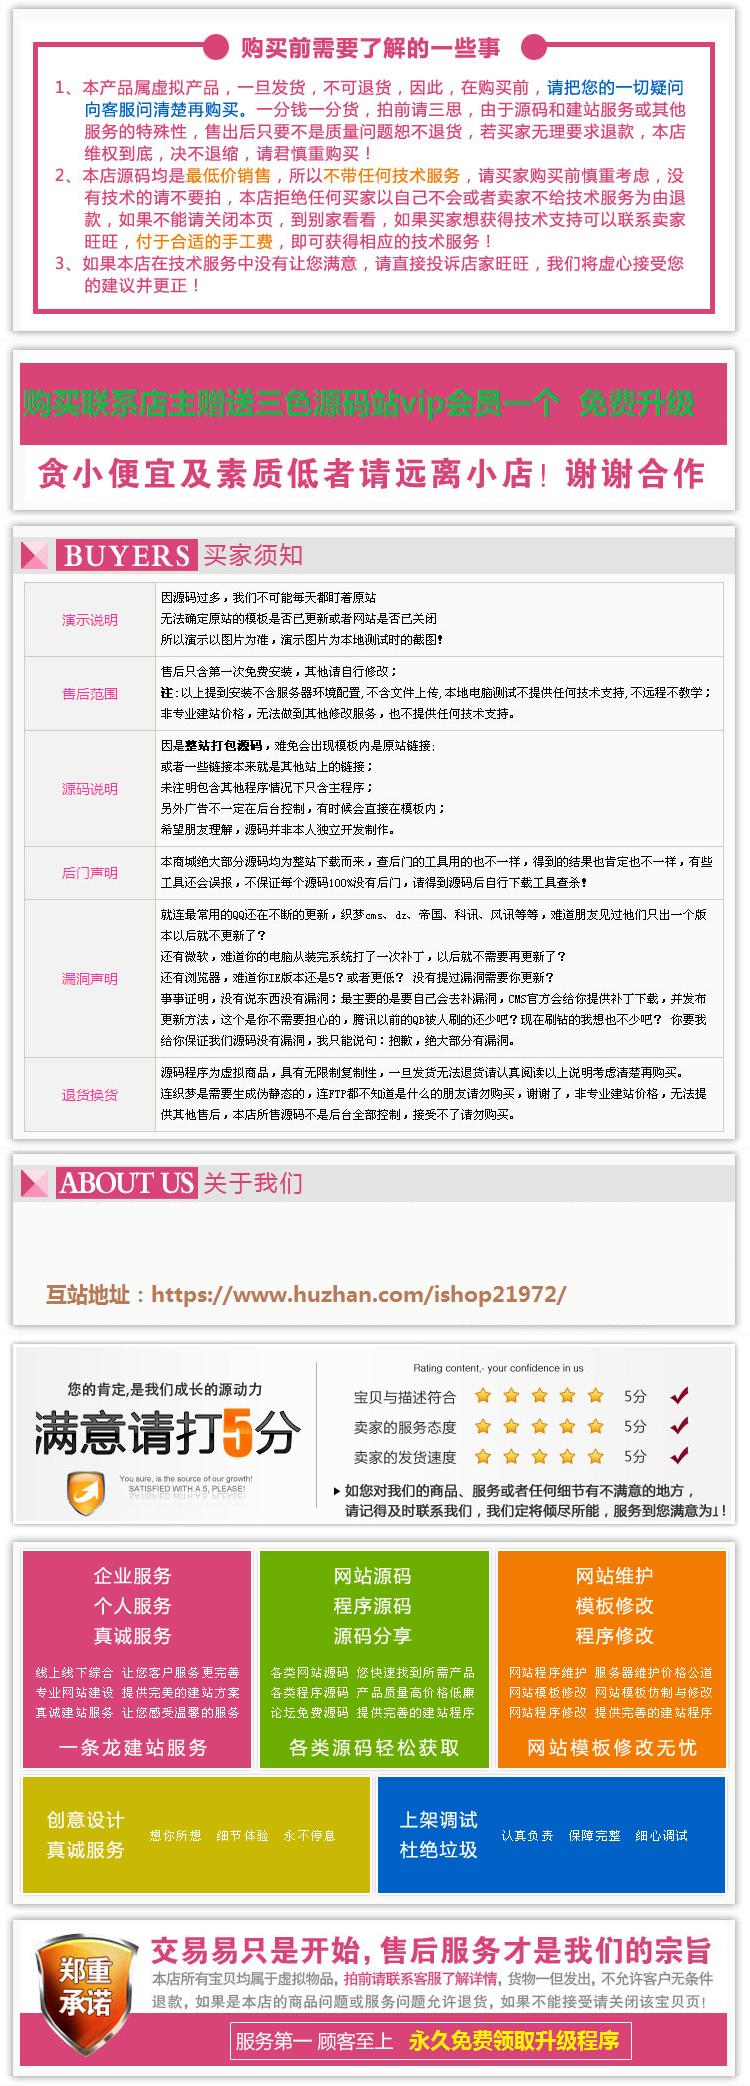 PHP科技狗云采购系统源码程序V9.5商业版